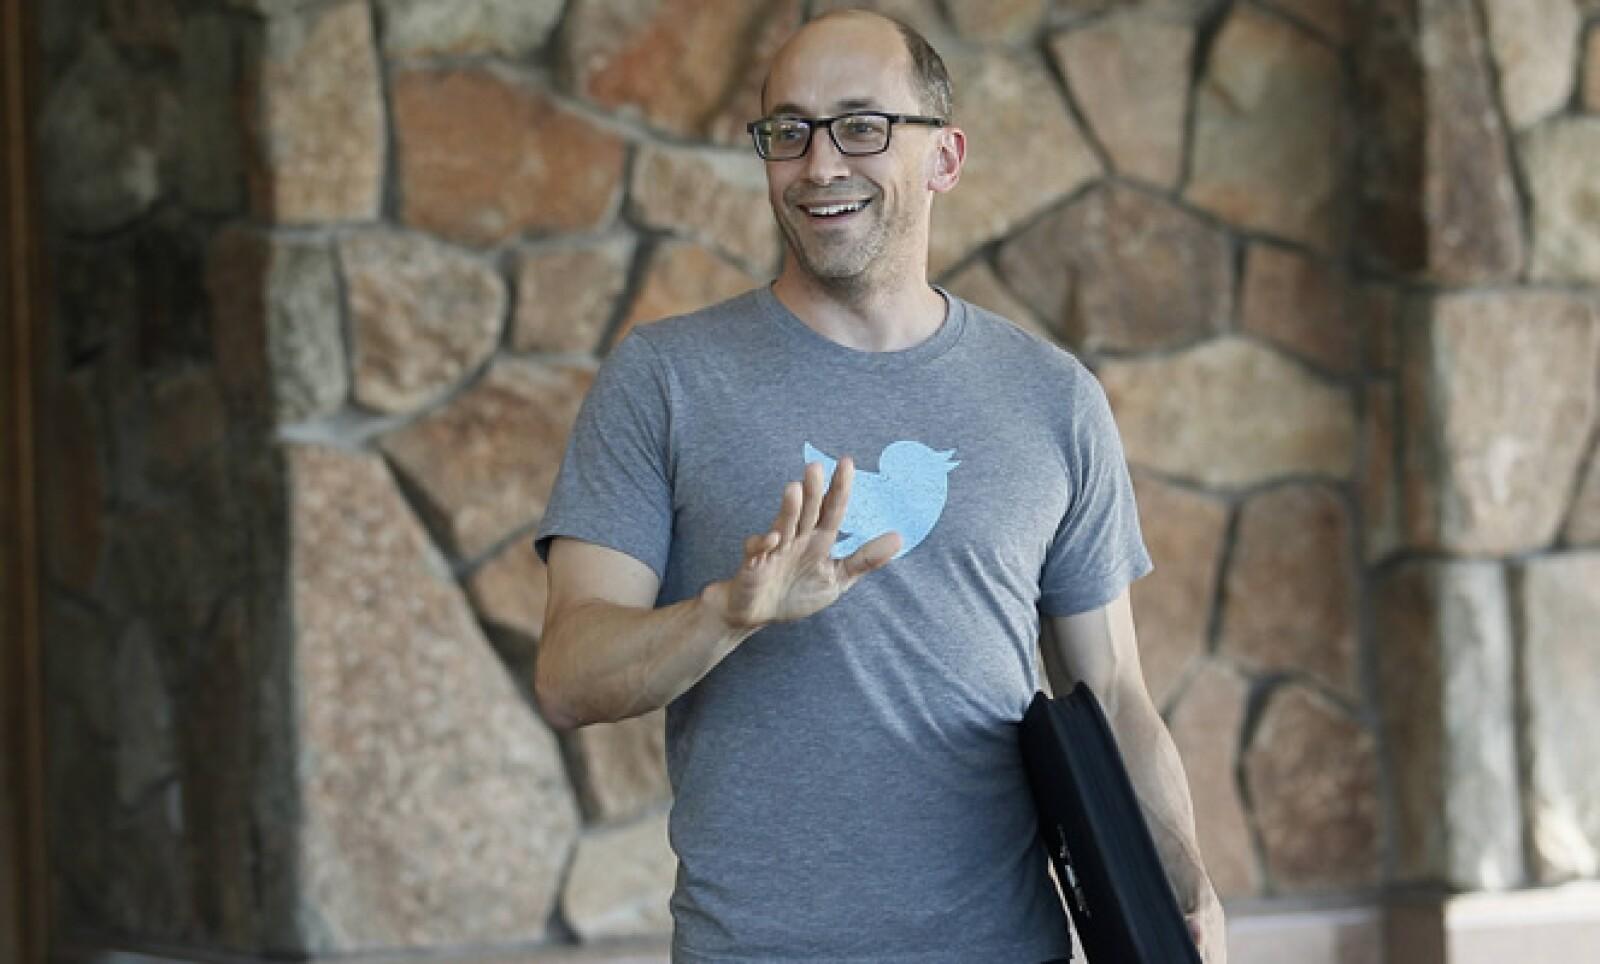 La playera delata su compañía. Dick Costolo, actual CEO de la red social Twitter.